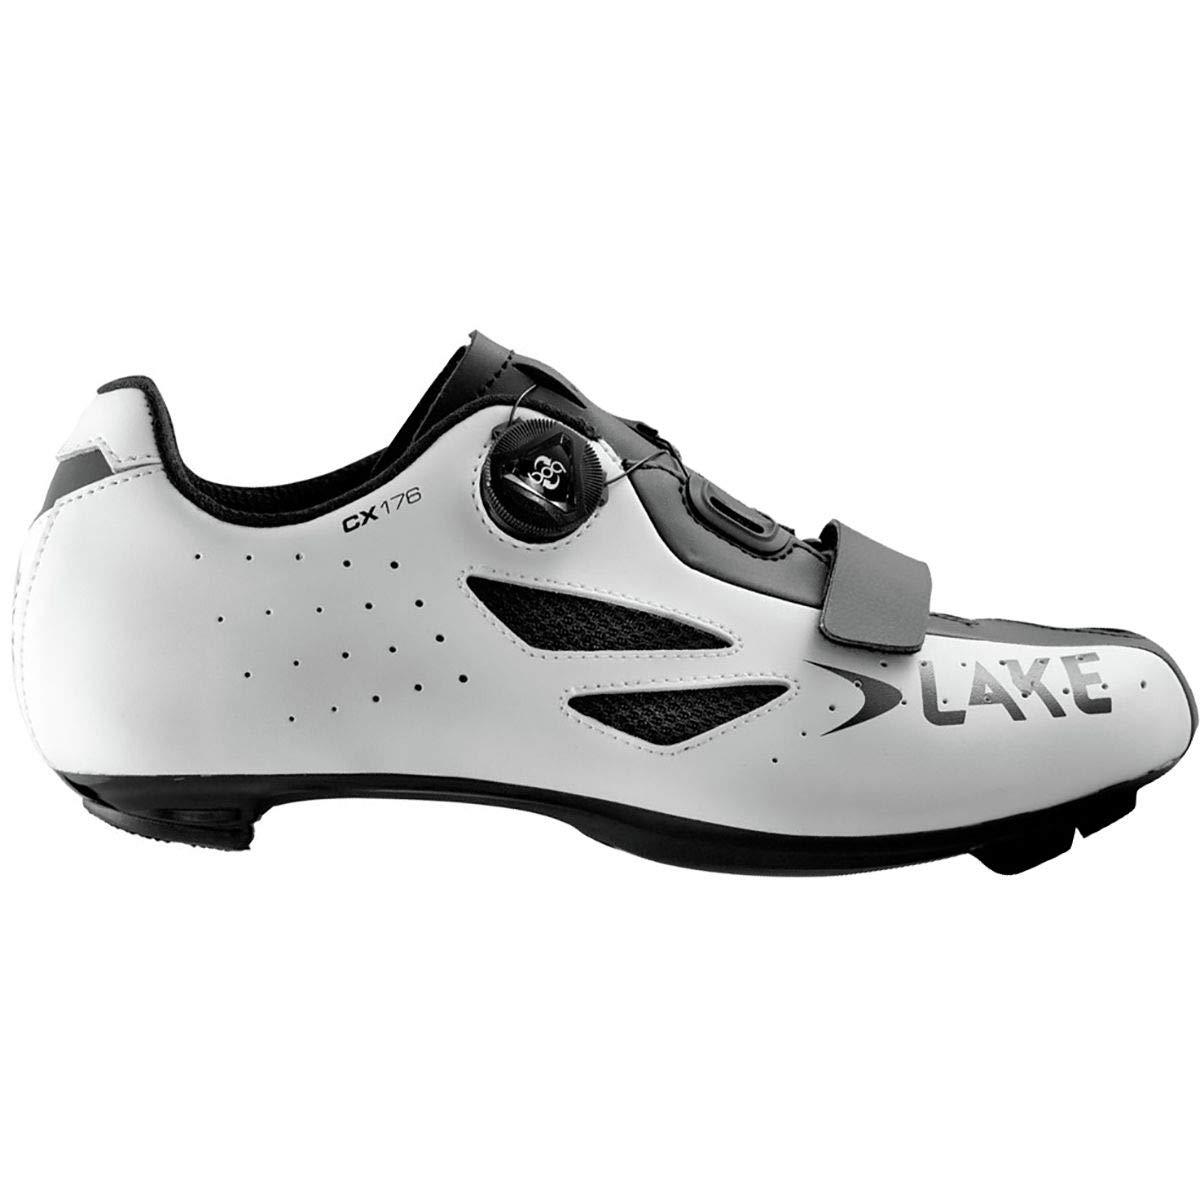 Lake CX176 Cycling Shoe Mens